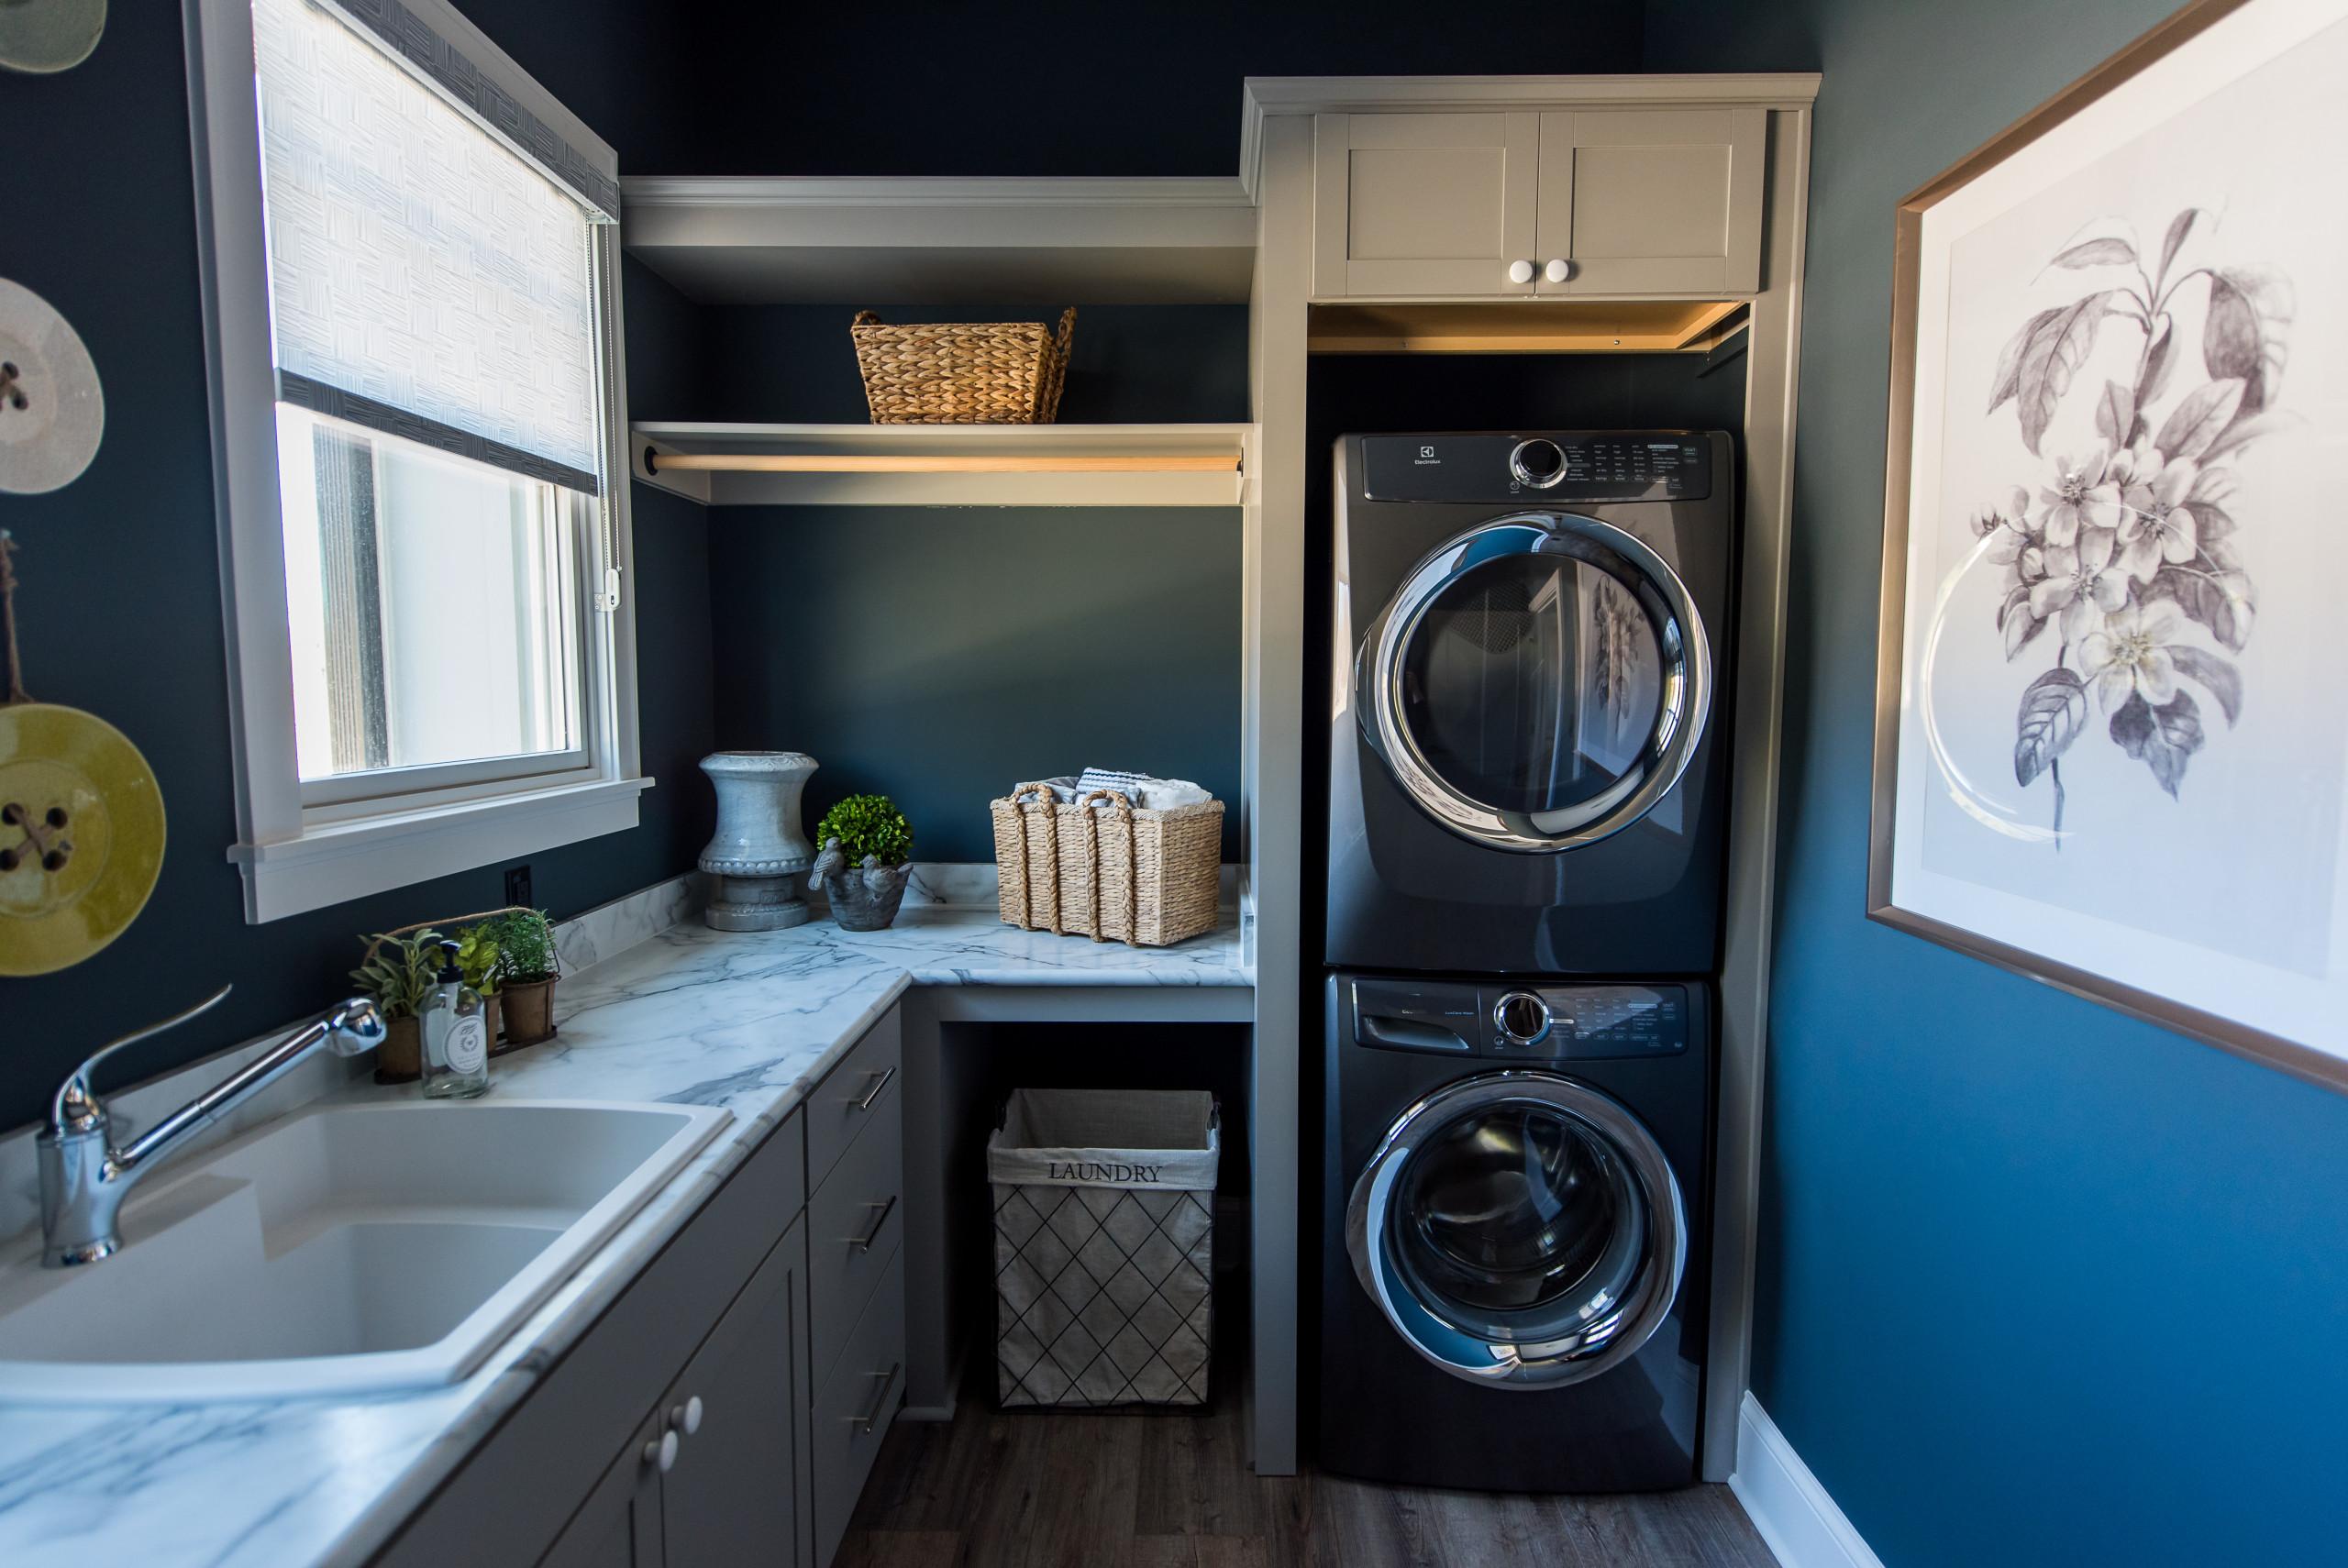 Lavatrici che si agganciano al lavello